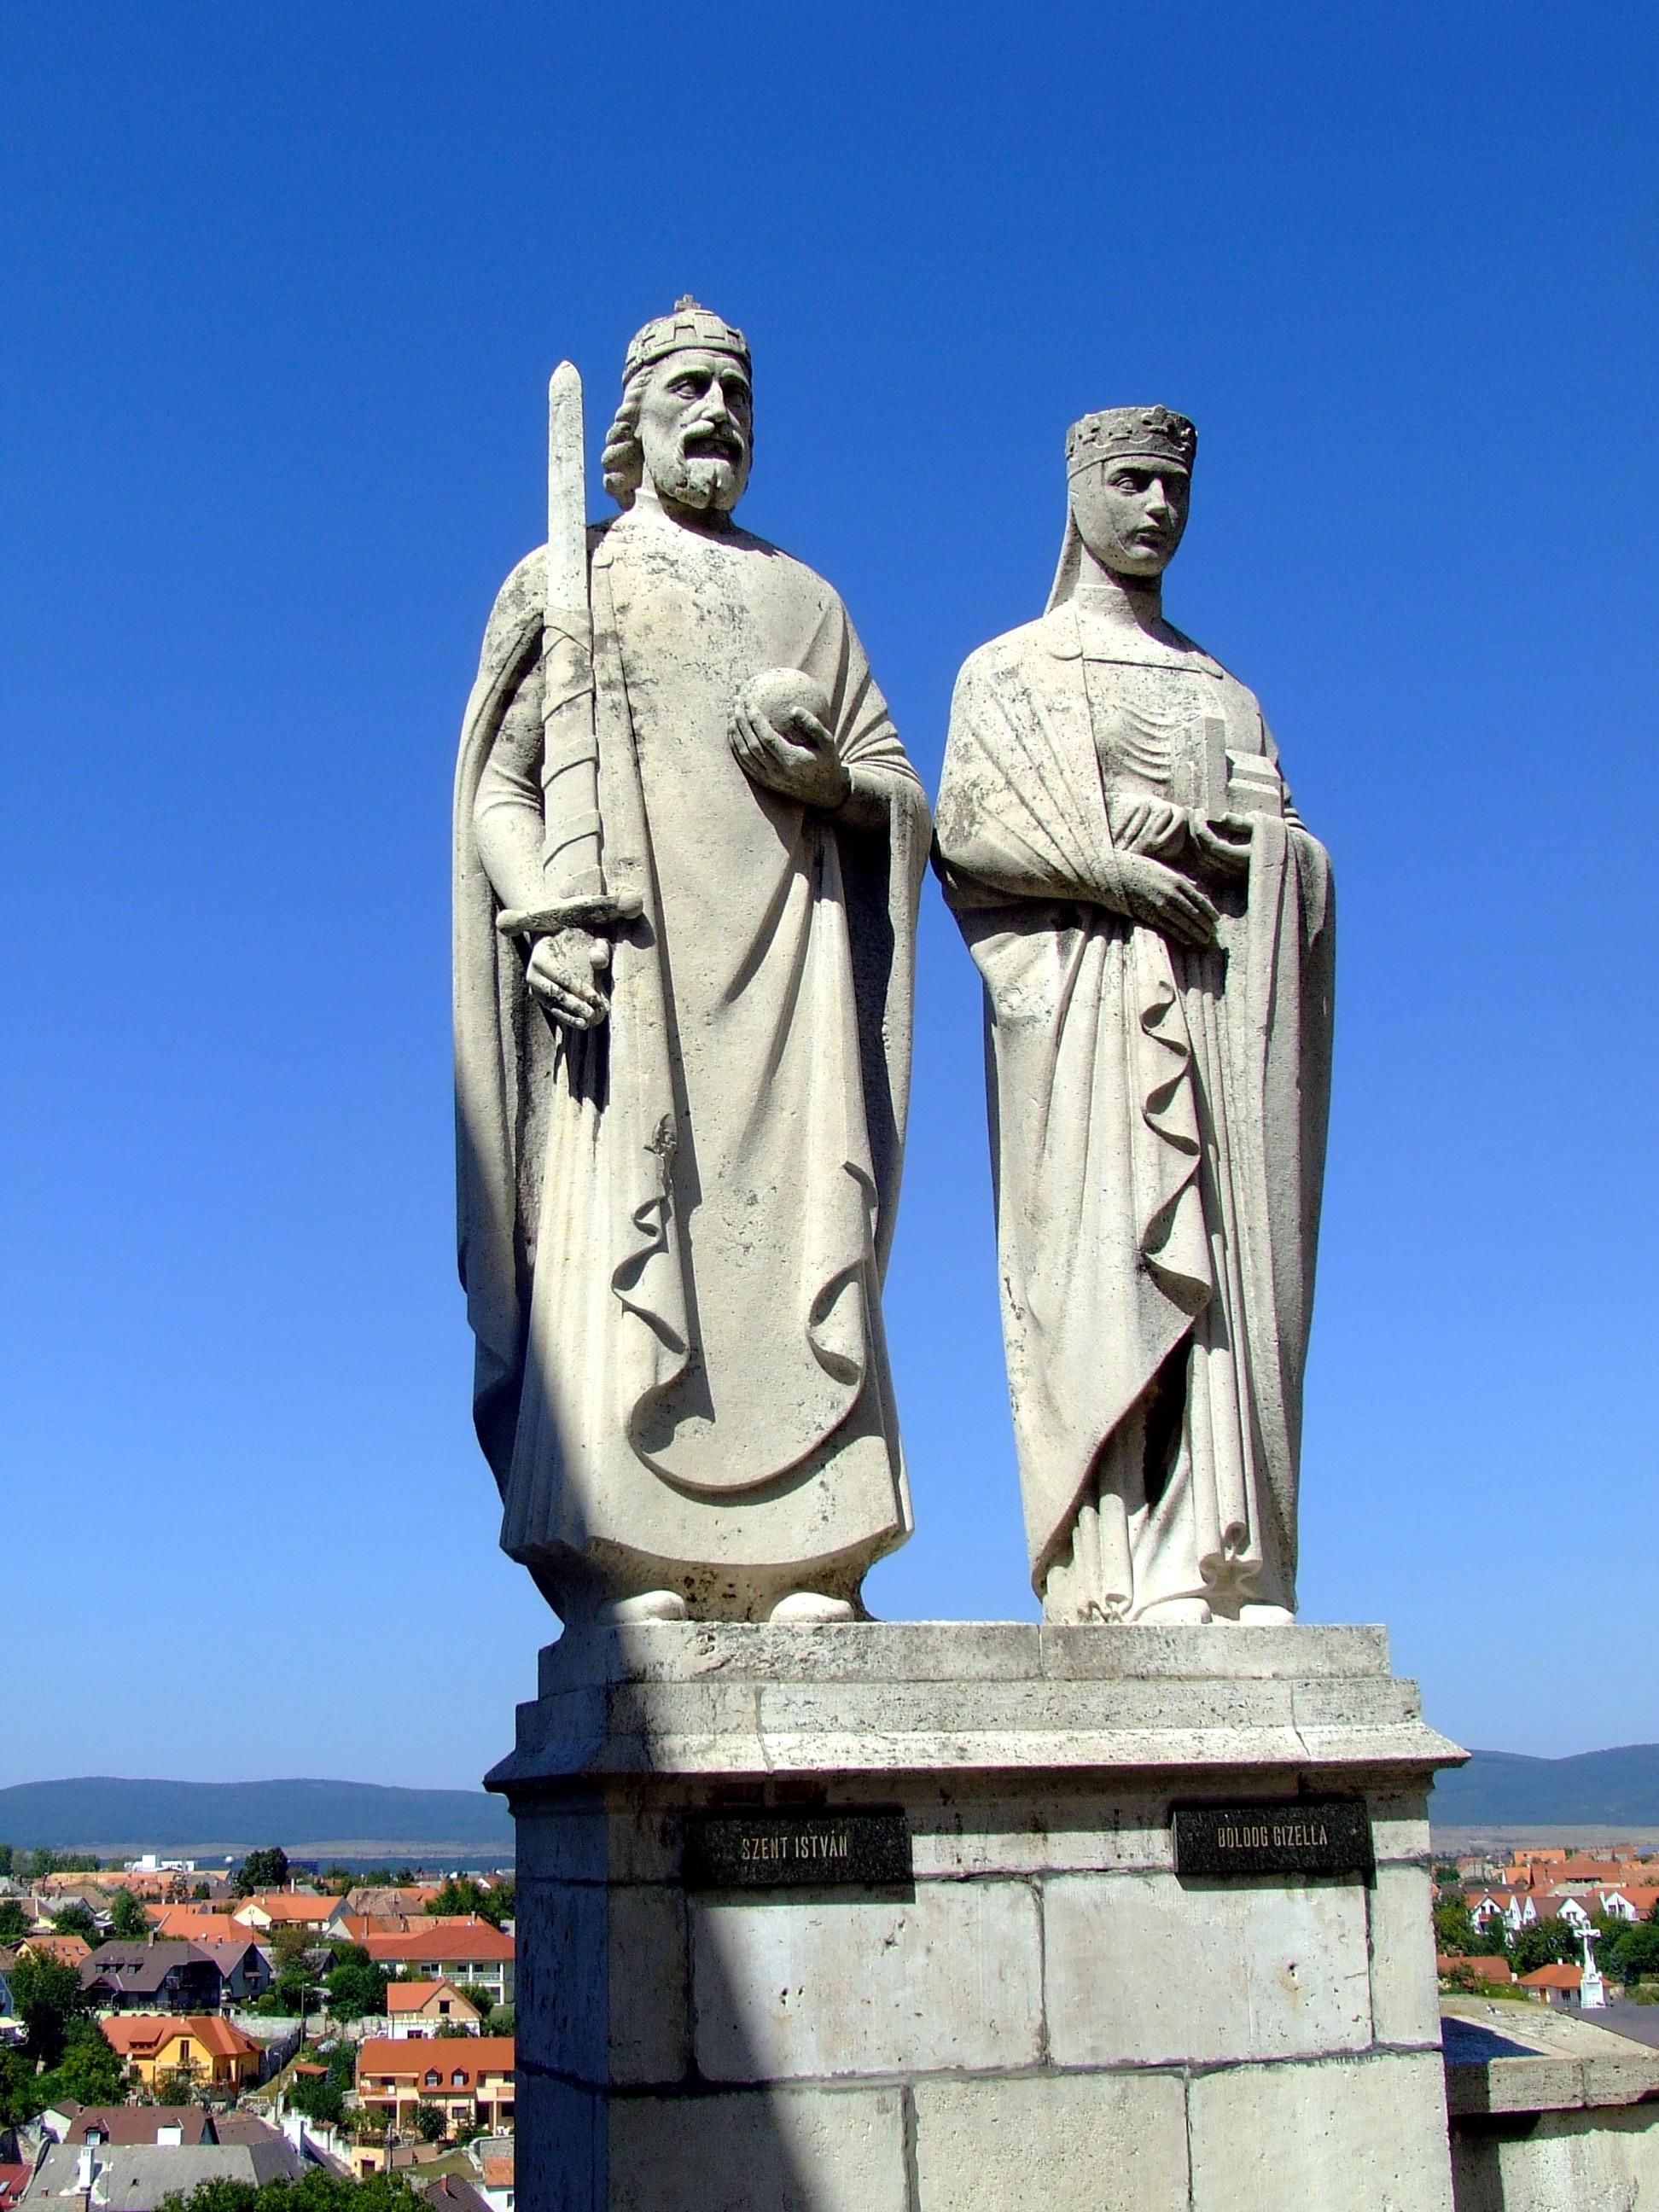 József Ispánki (1906-92): Statuer av kong Stefan I og dronning Gisela i Veszprém (1938)